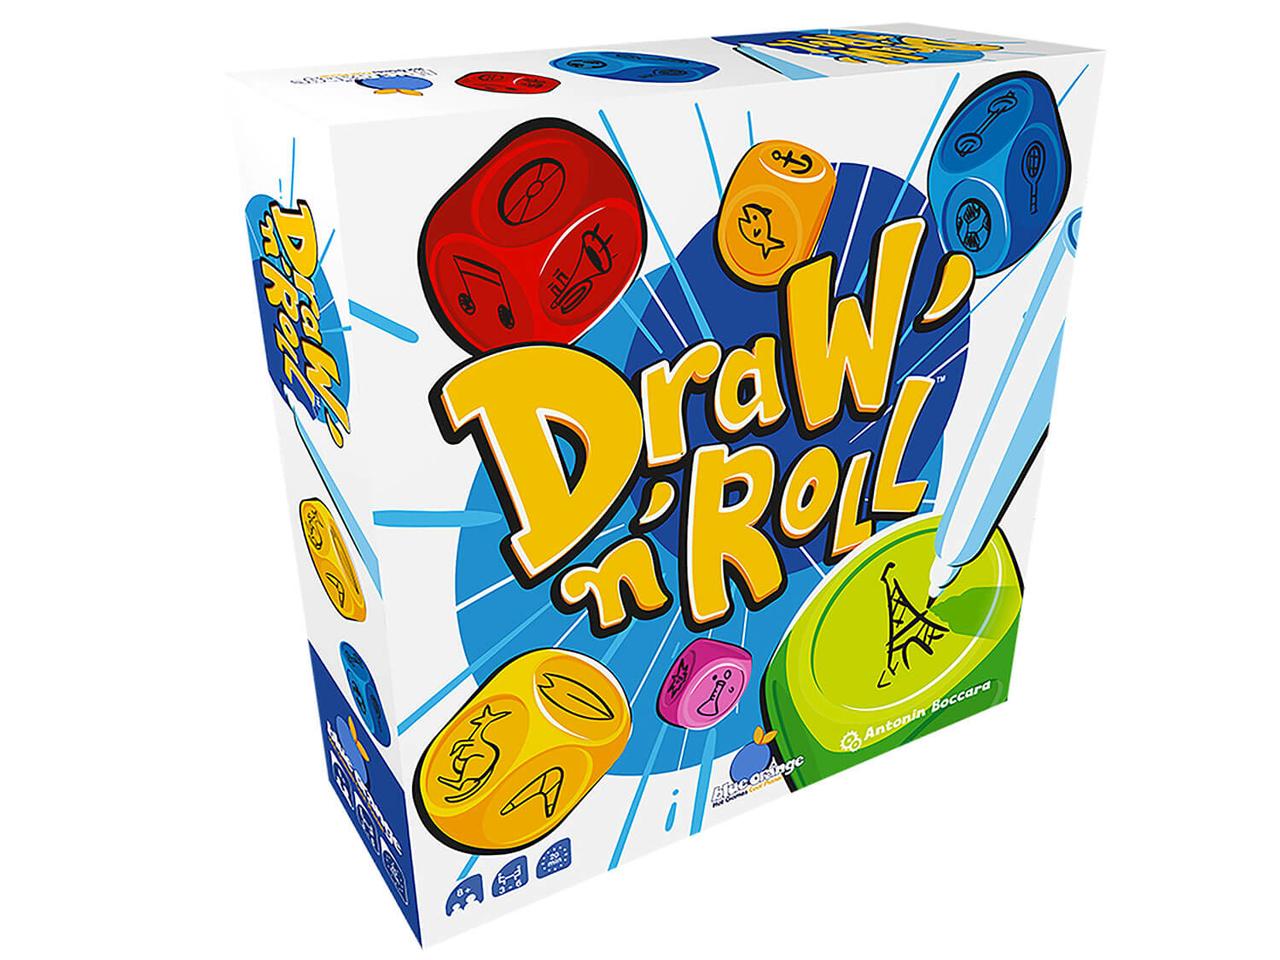 Afbeelding van het spelletje Draw'n'Roll